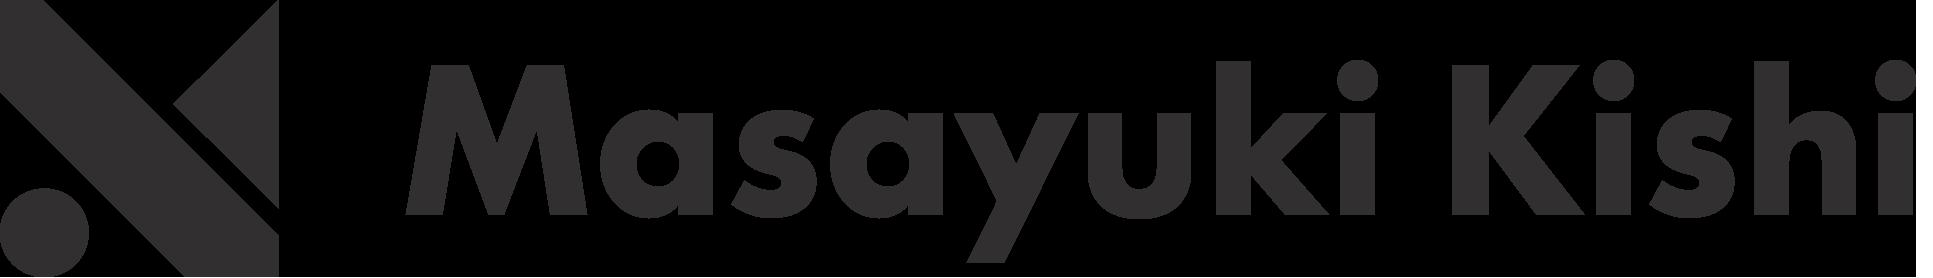 Masayuki Kishi